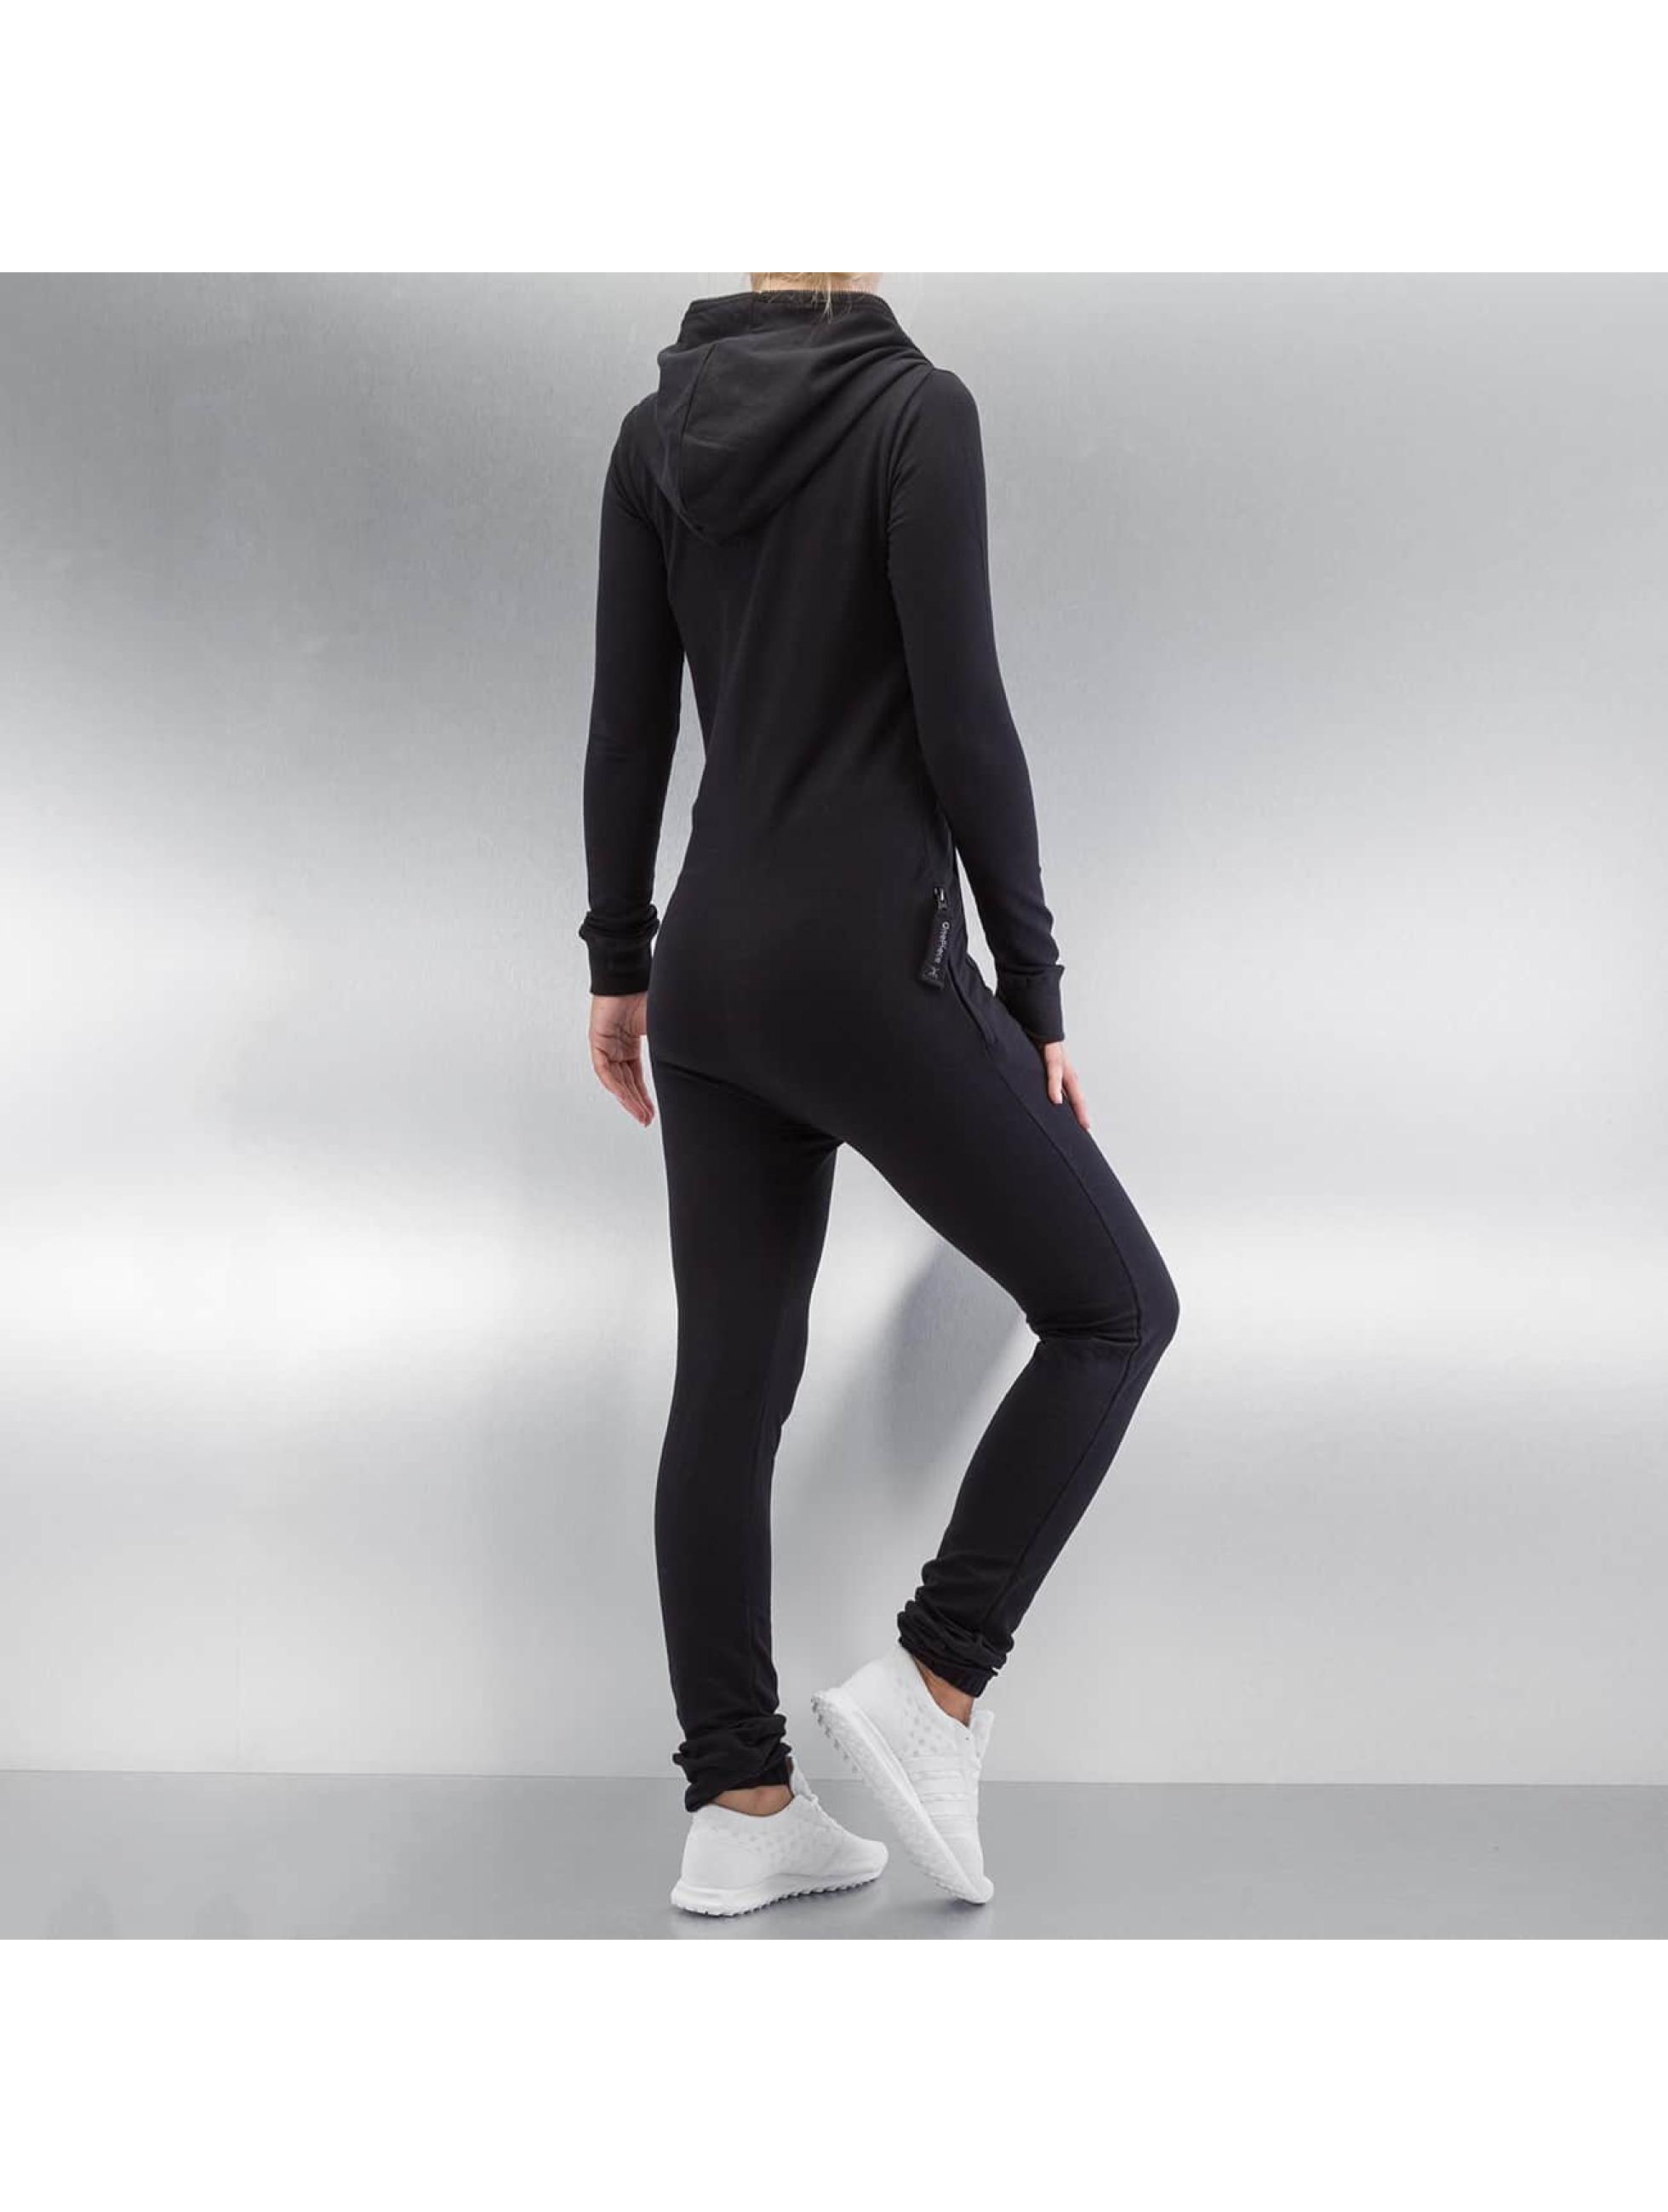 OnePiece Jumpsuits Original Slim sort